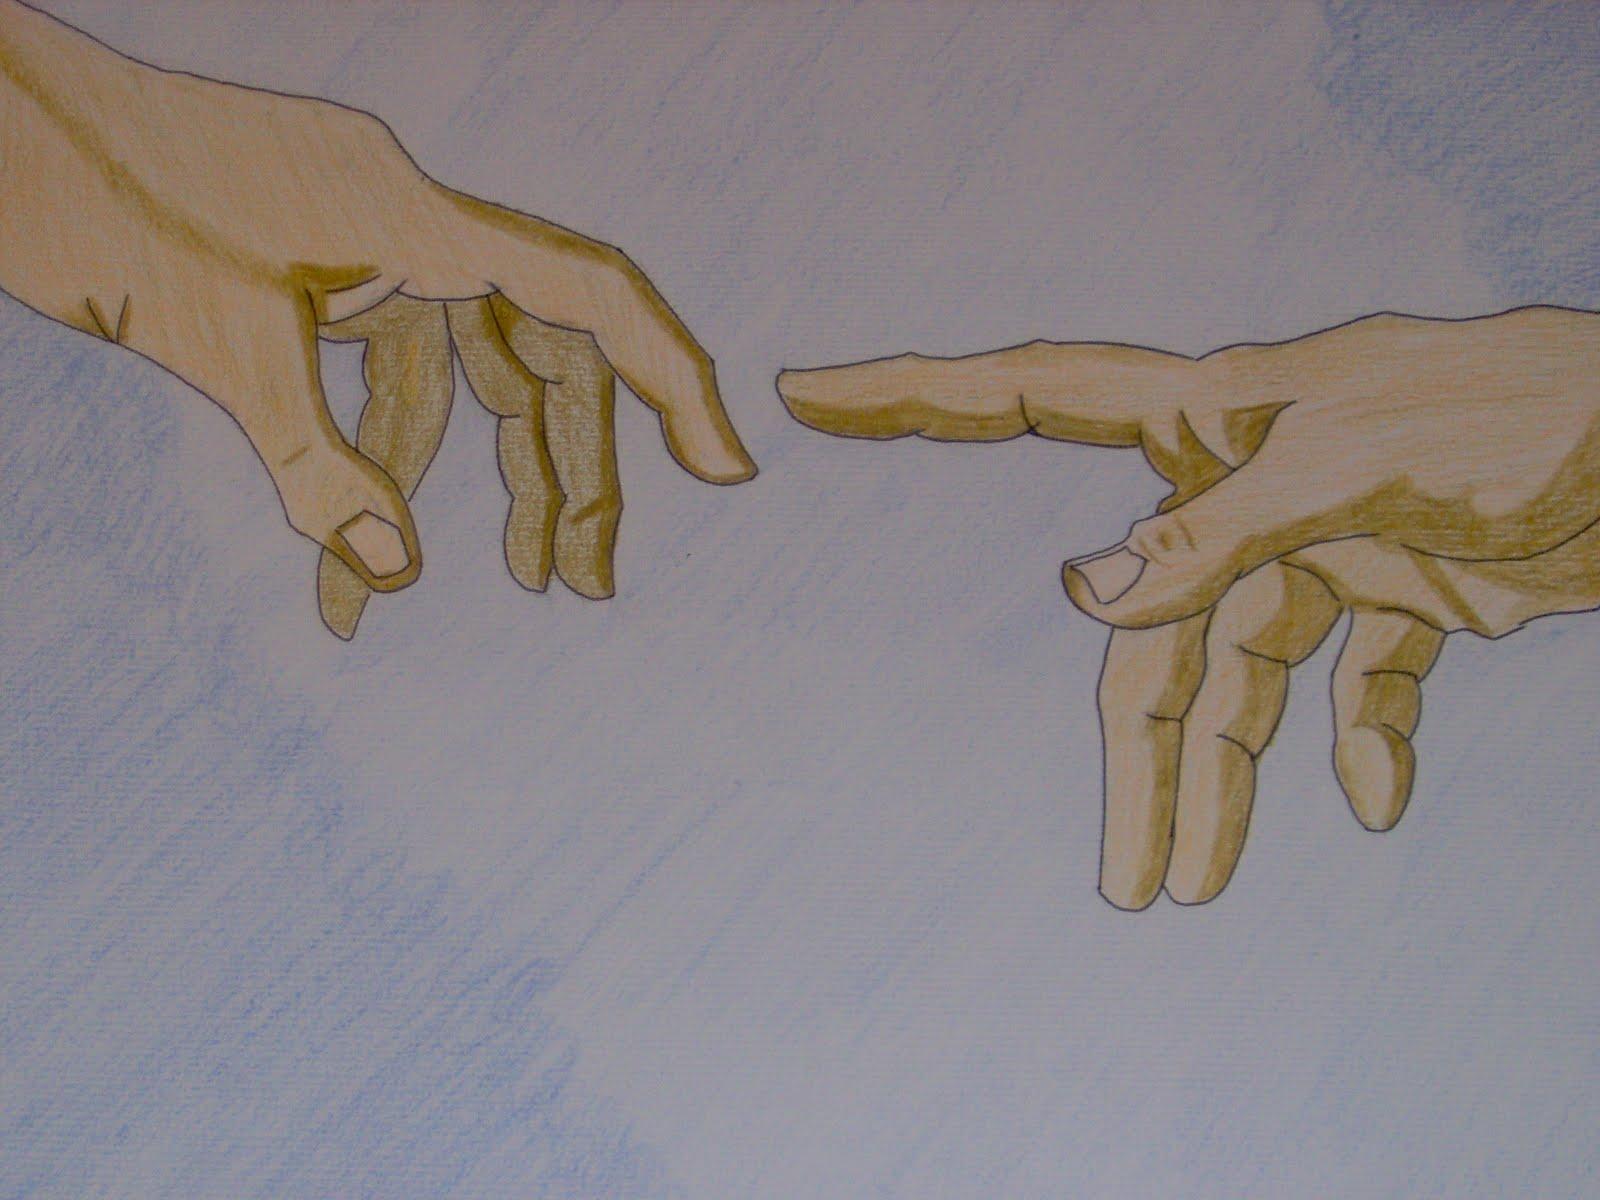 Disegni a Mano Libera: Ecco il mio disegno sulle mani ...